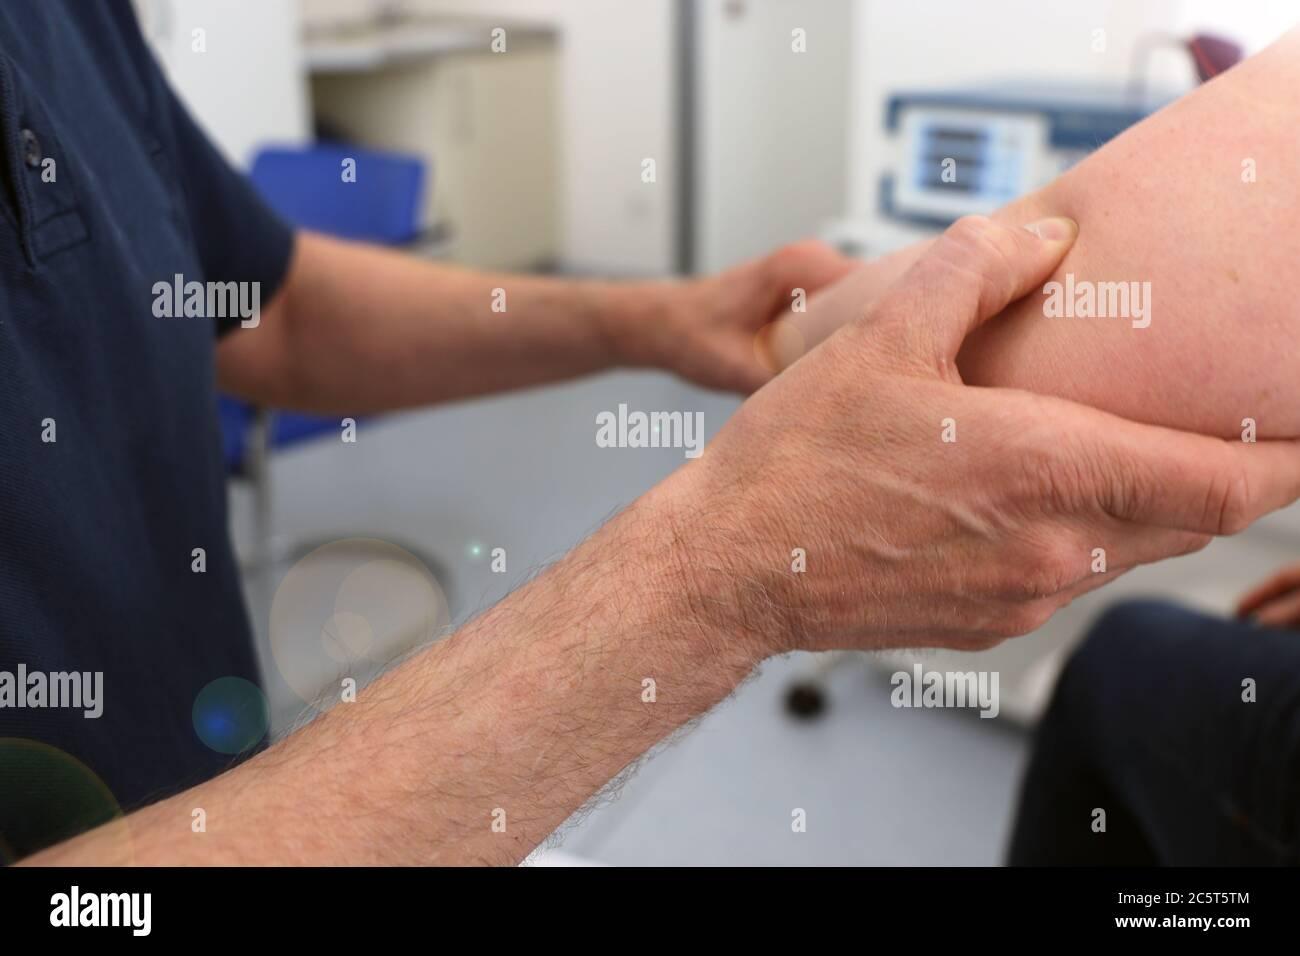 Orthopäde untersucht den Ellenbogen einer Patientin Stock Photo